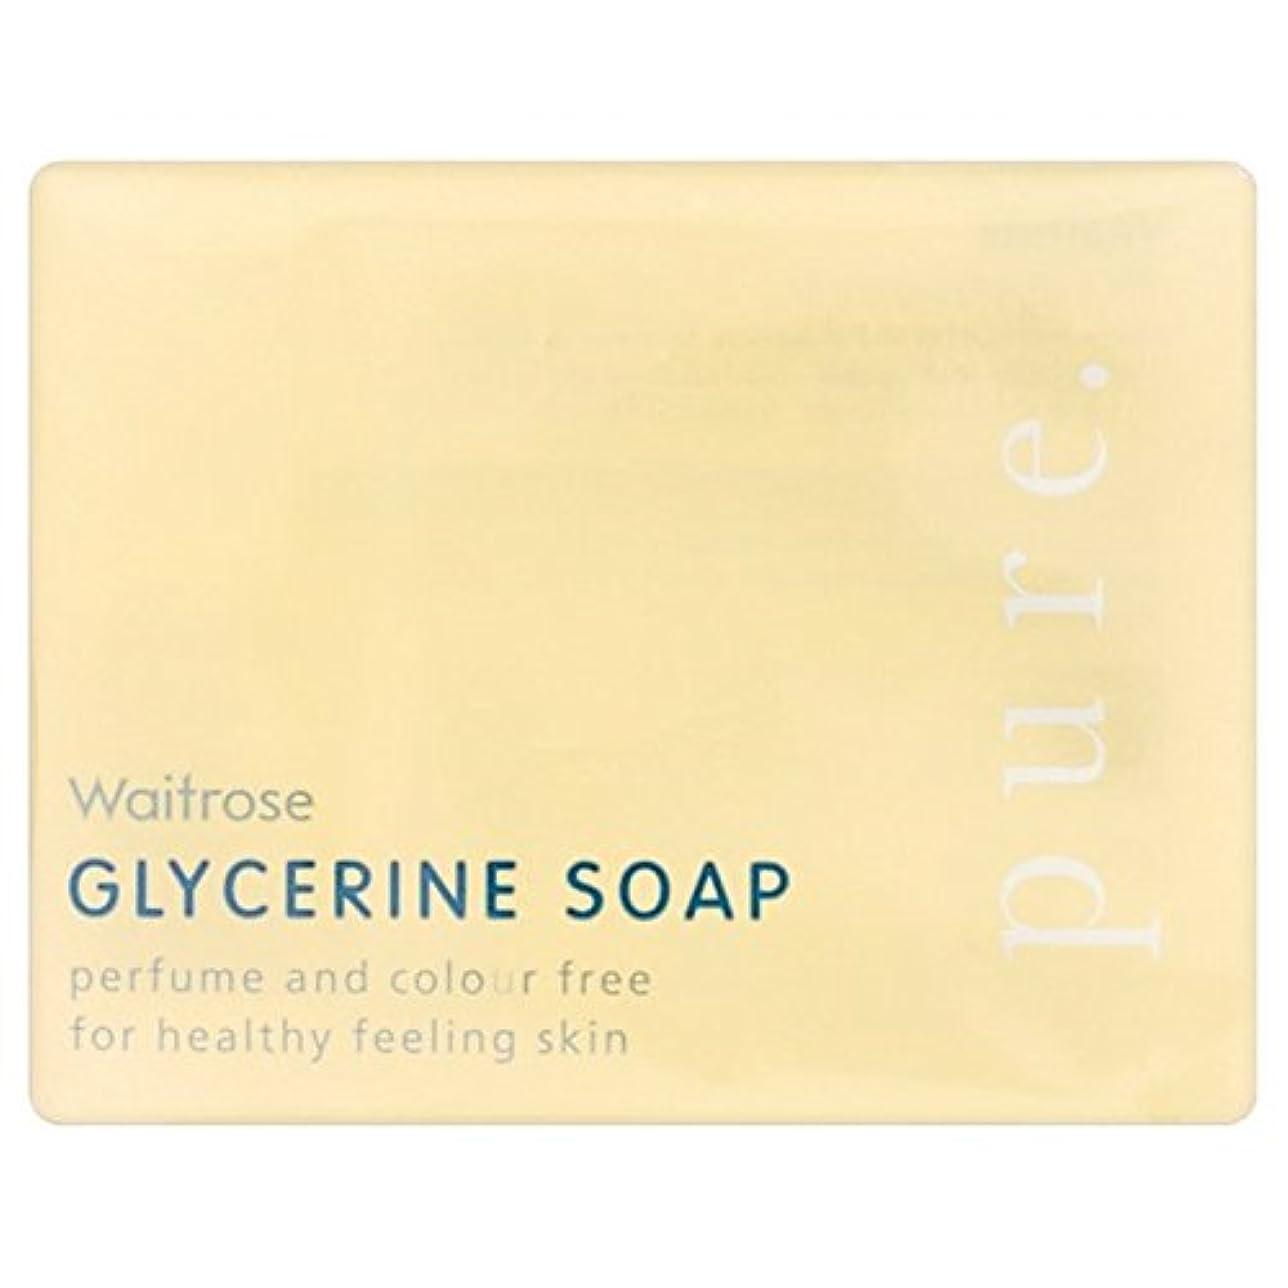 協力叫ぶフィールドPure Glycerine Soap Waitrose 100g (Pack of 6) - 純粋なグリセリンソープウェイトローズの100グラム x6 [並行輸入品]